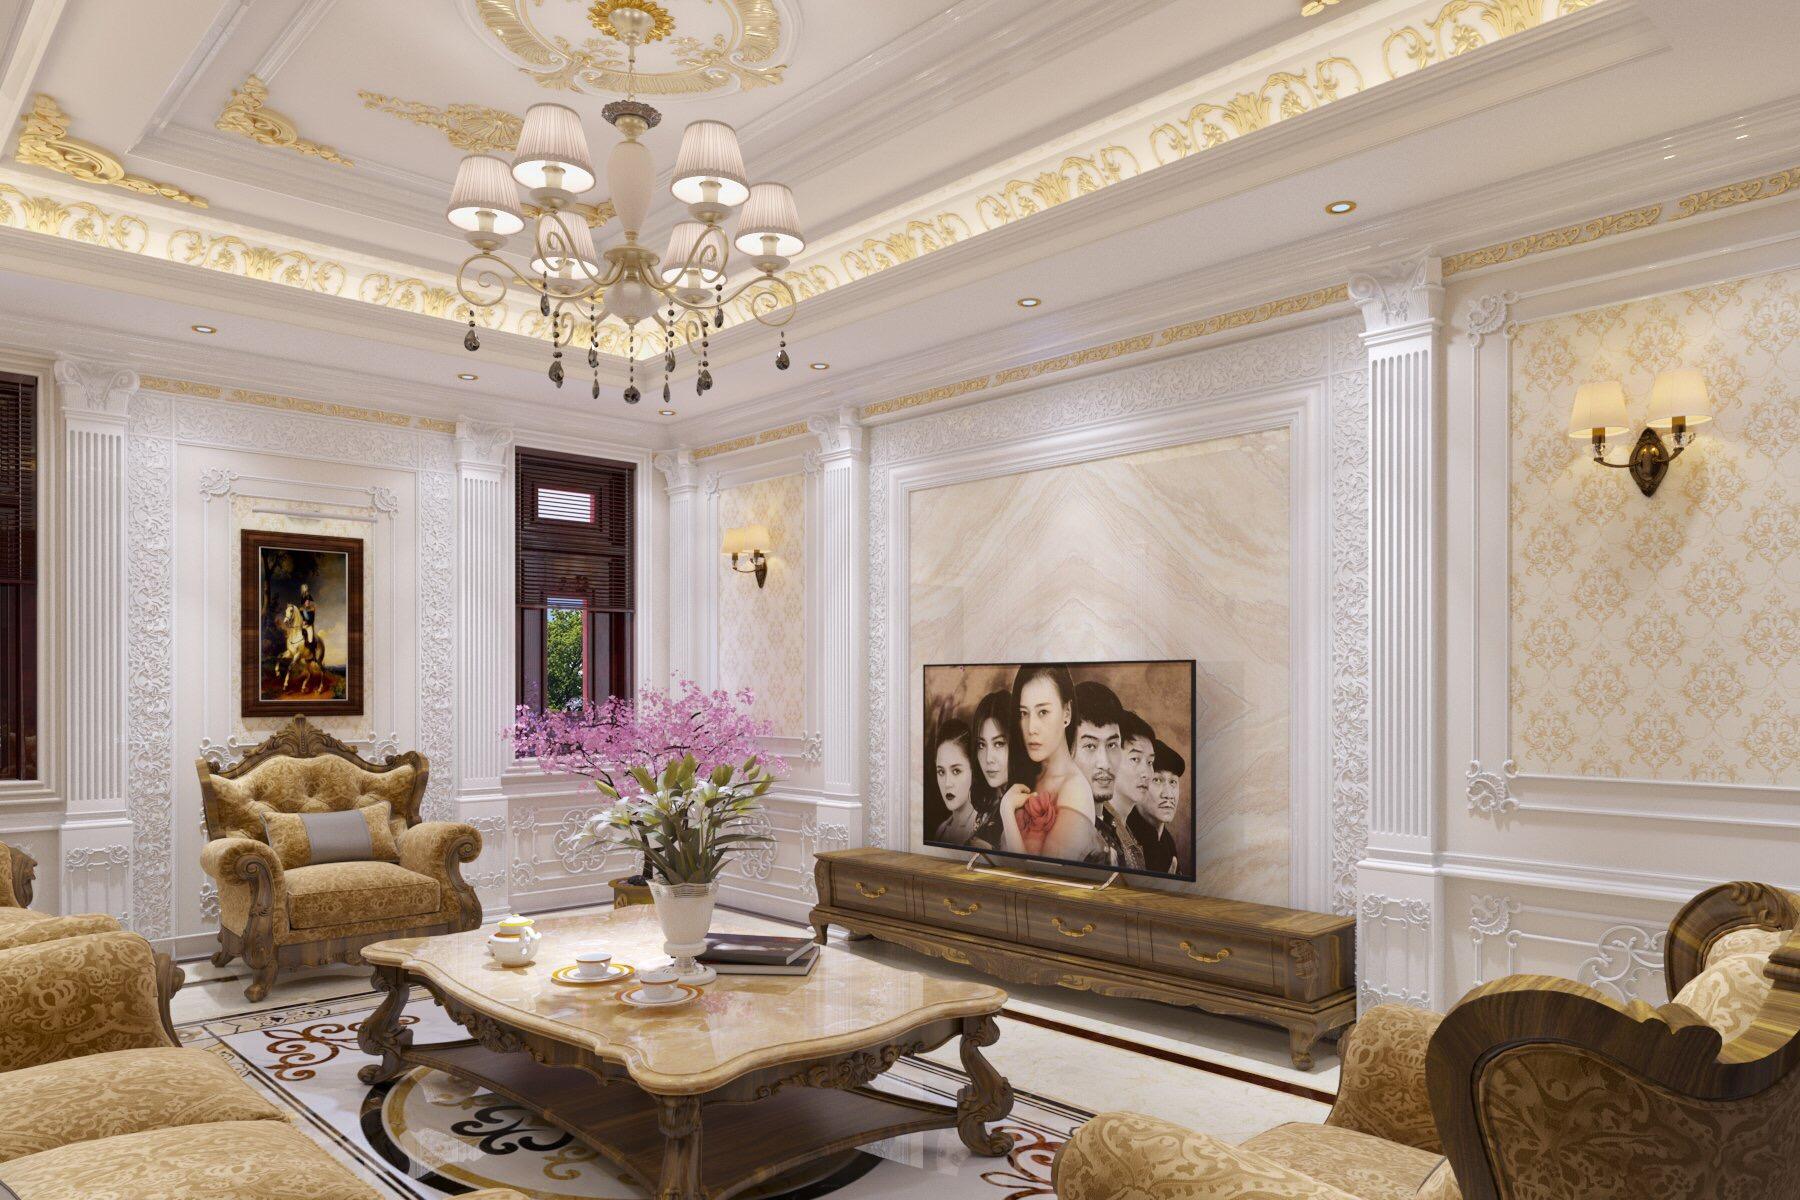 thiết kế nội thất Nhà Mặt Phố tại Bắc Giang Phòng khách cuối năm 1 1549032263